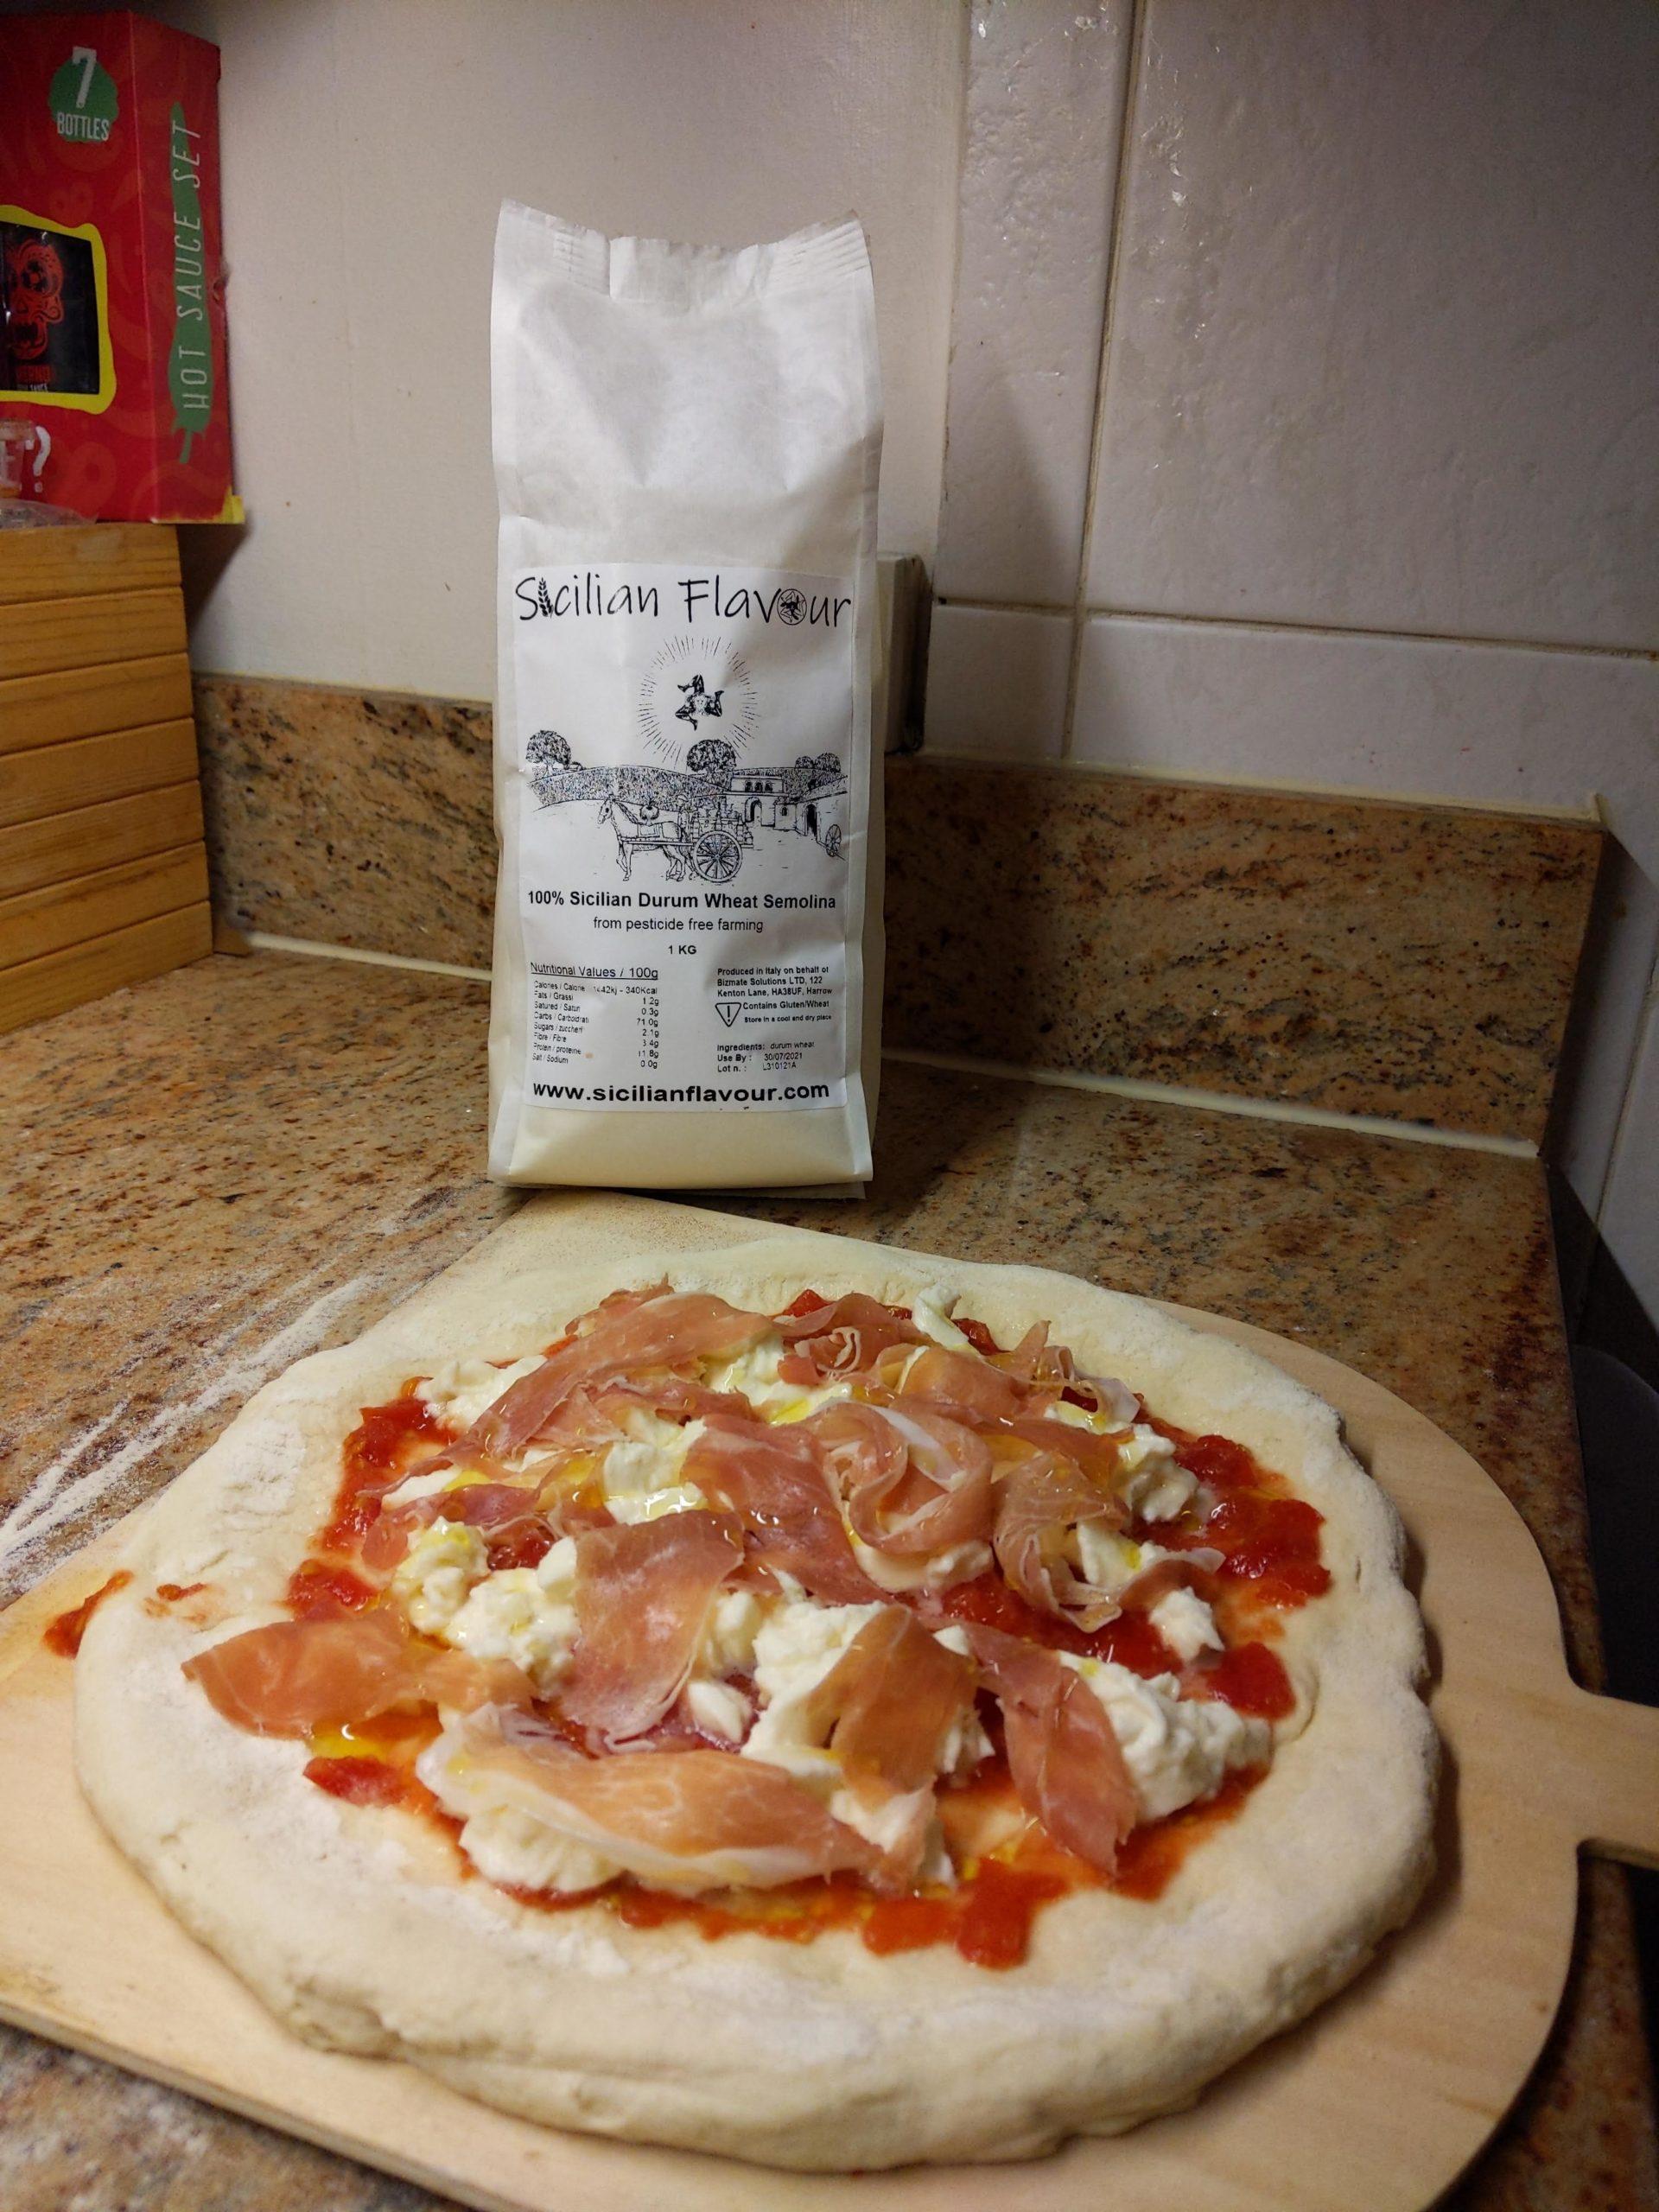 Sicilian Flavour prosciutto crudo pizza ready for baking